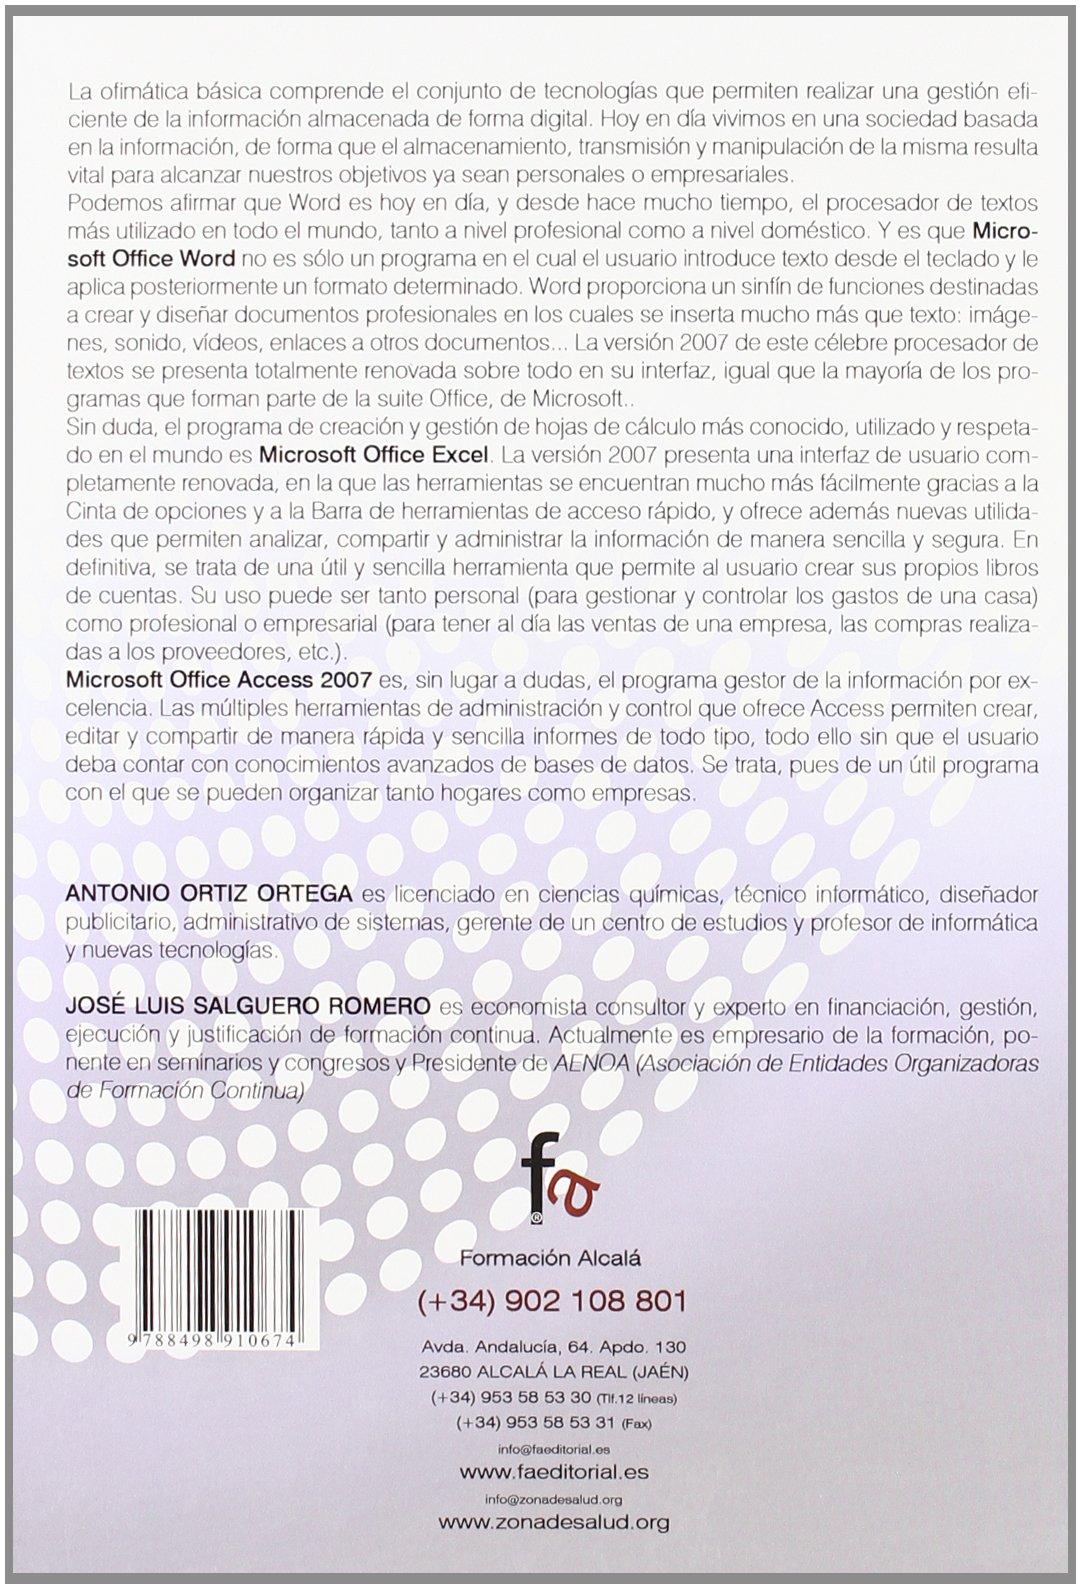 Ofimatica basica (Spanish Edition): Antonio Ortiz Ortega, Jose Luis ...